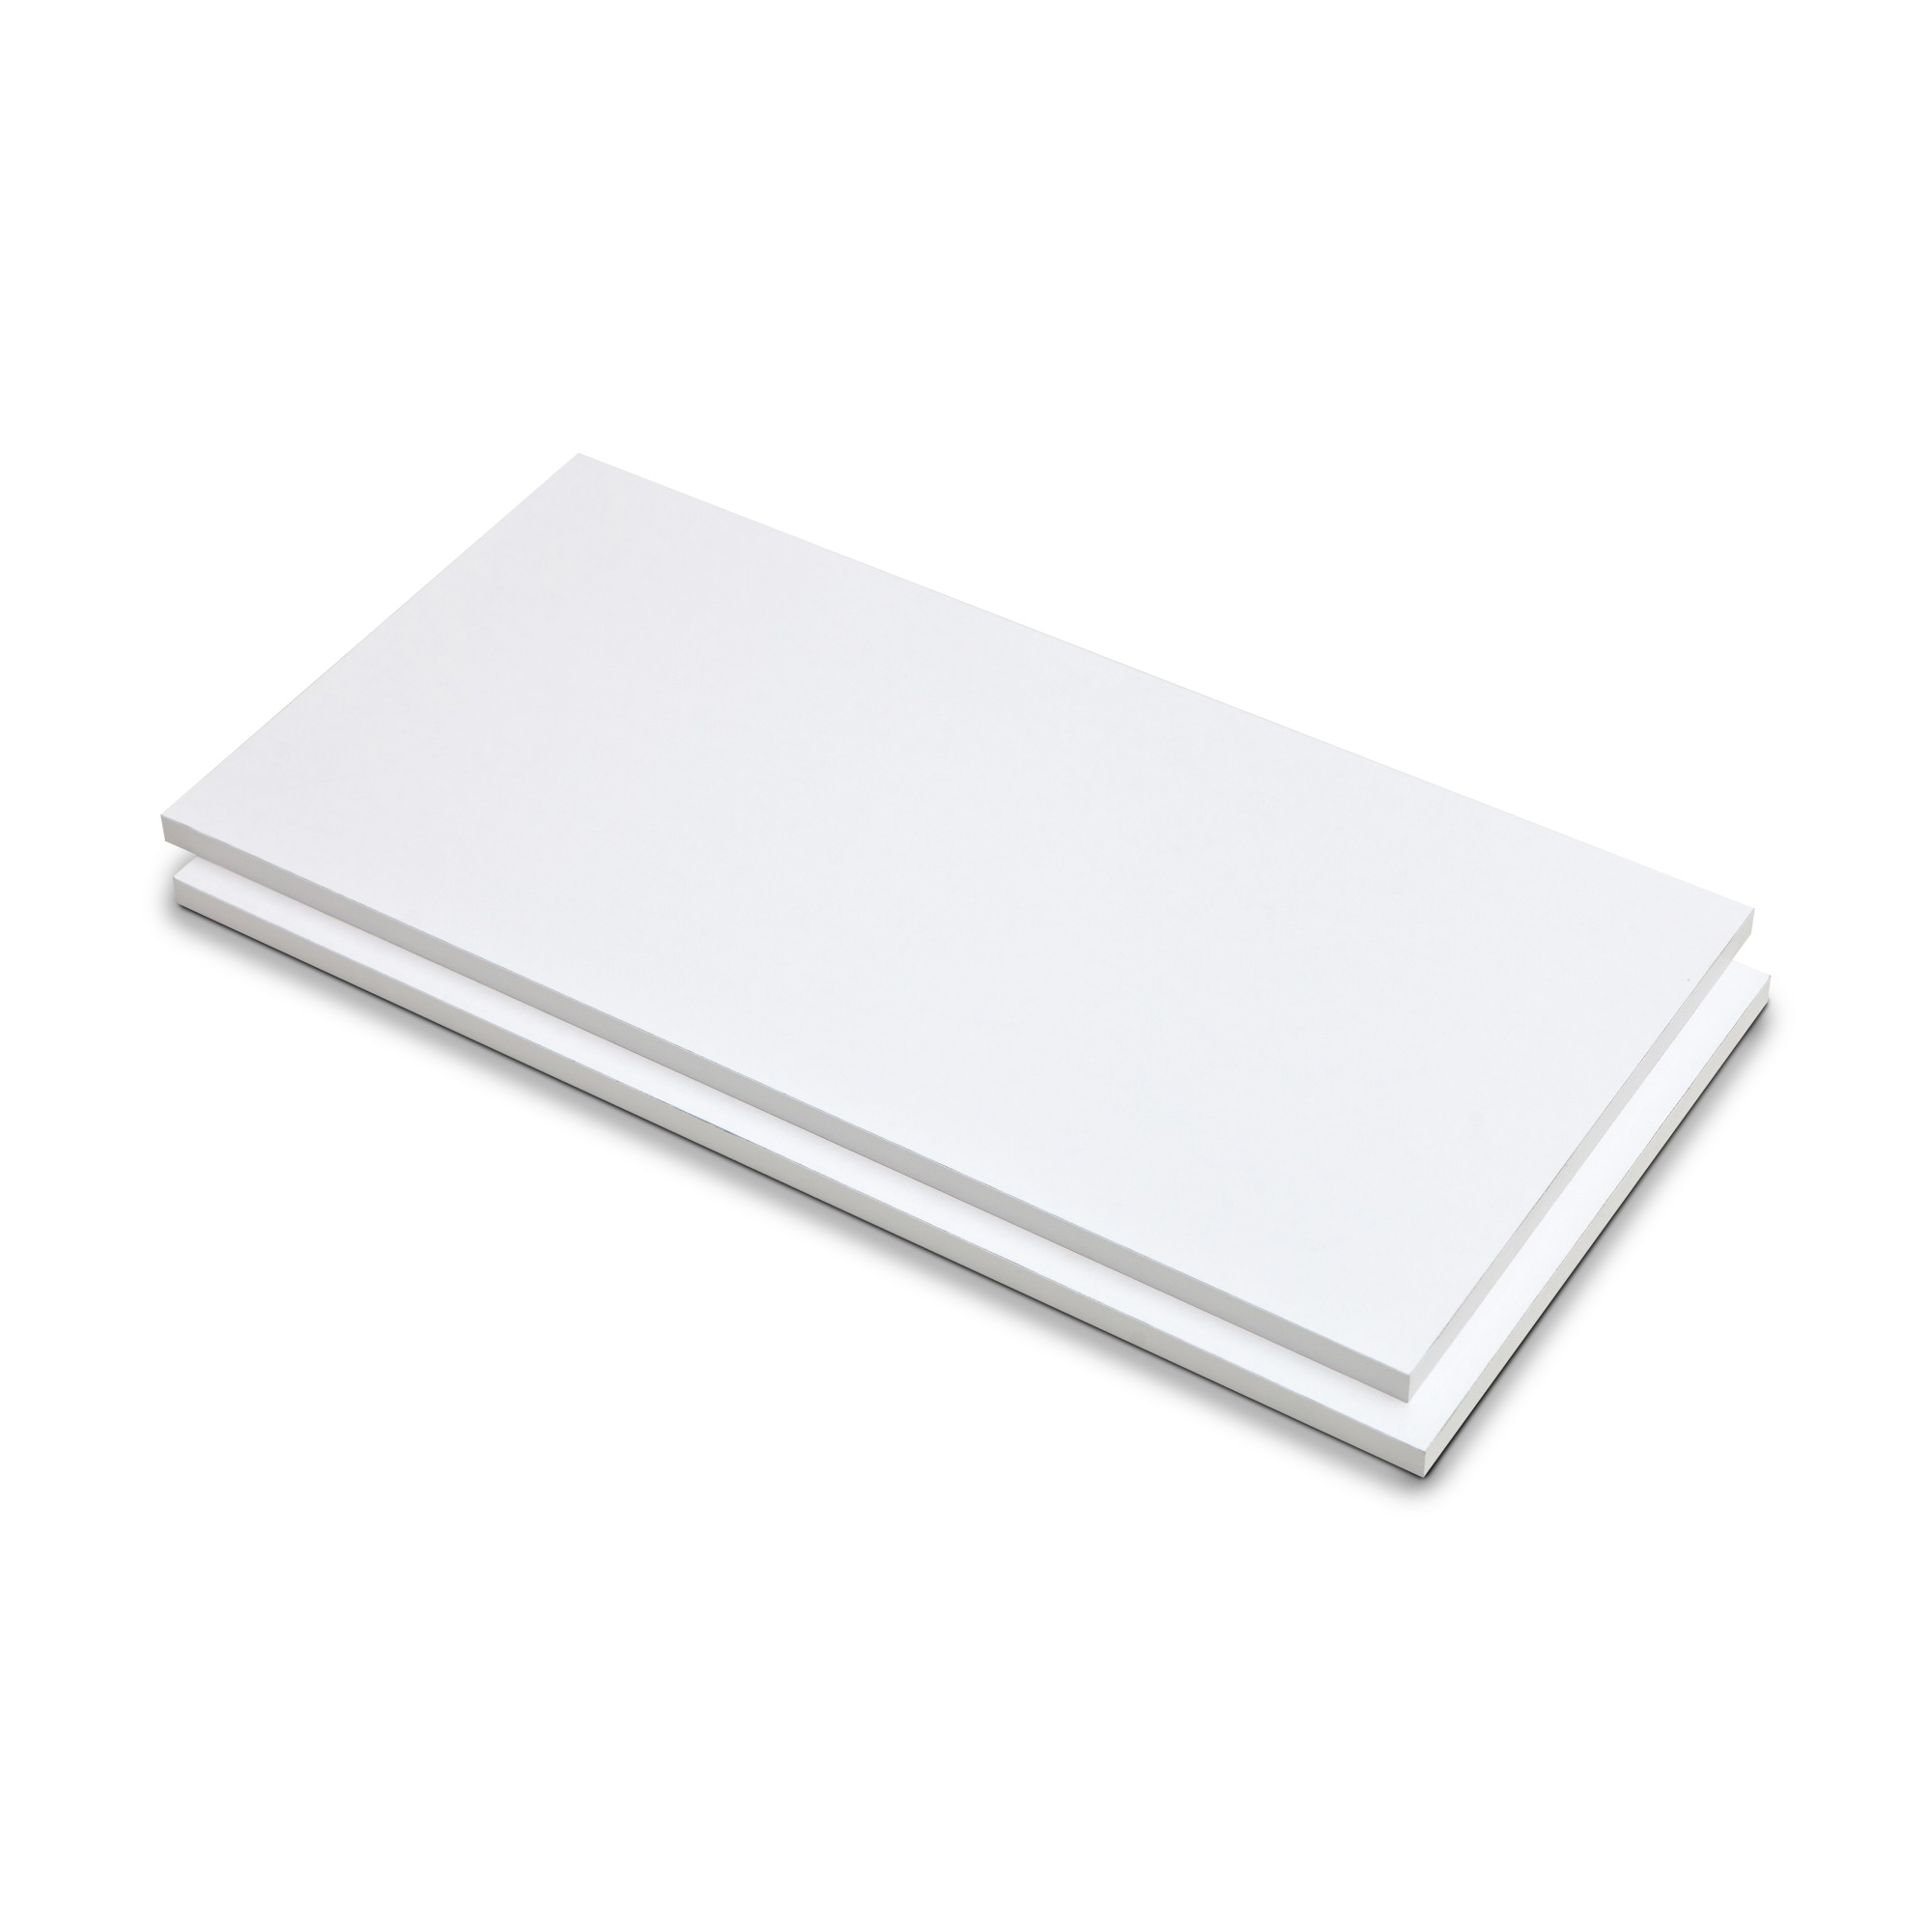 Prateleira de Madeira 30cm x 150cm Branco 605153 - Fico